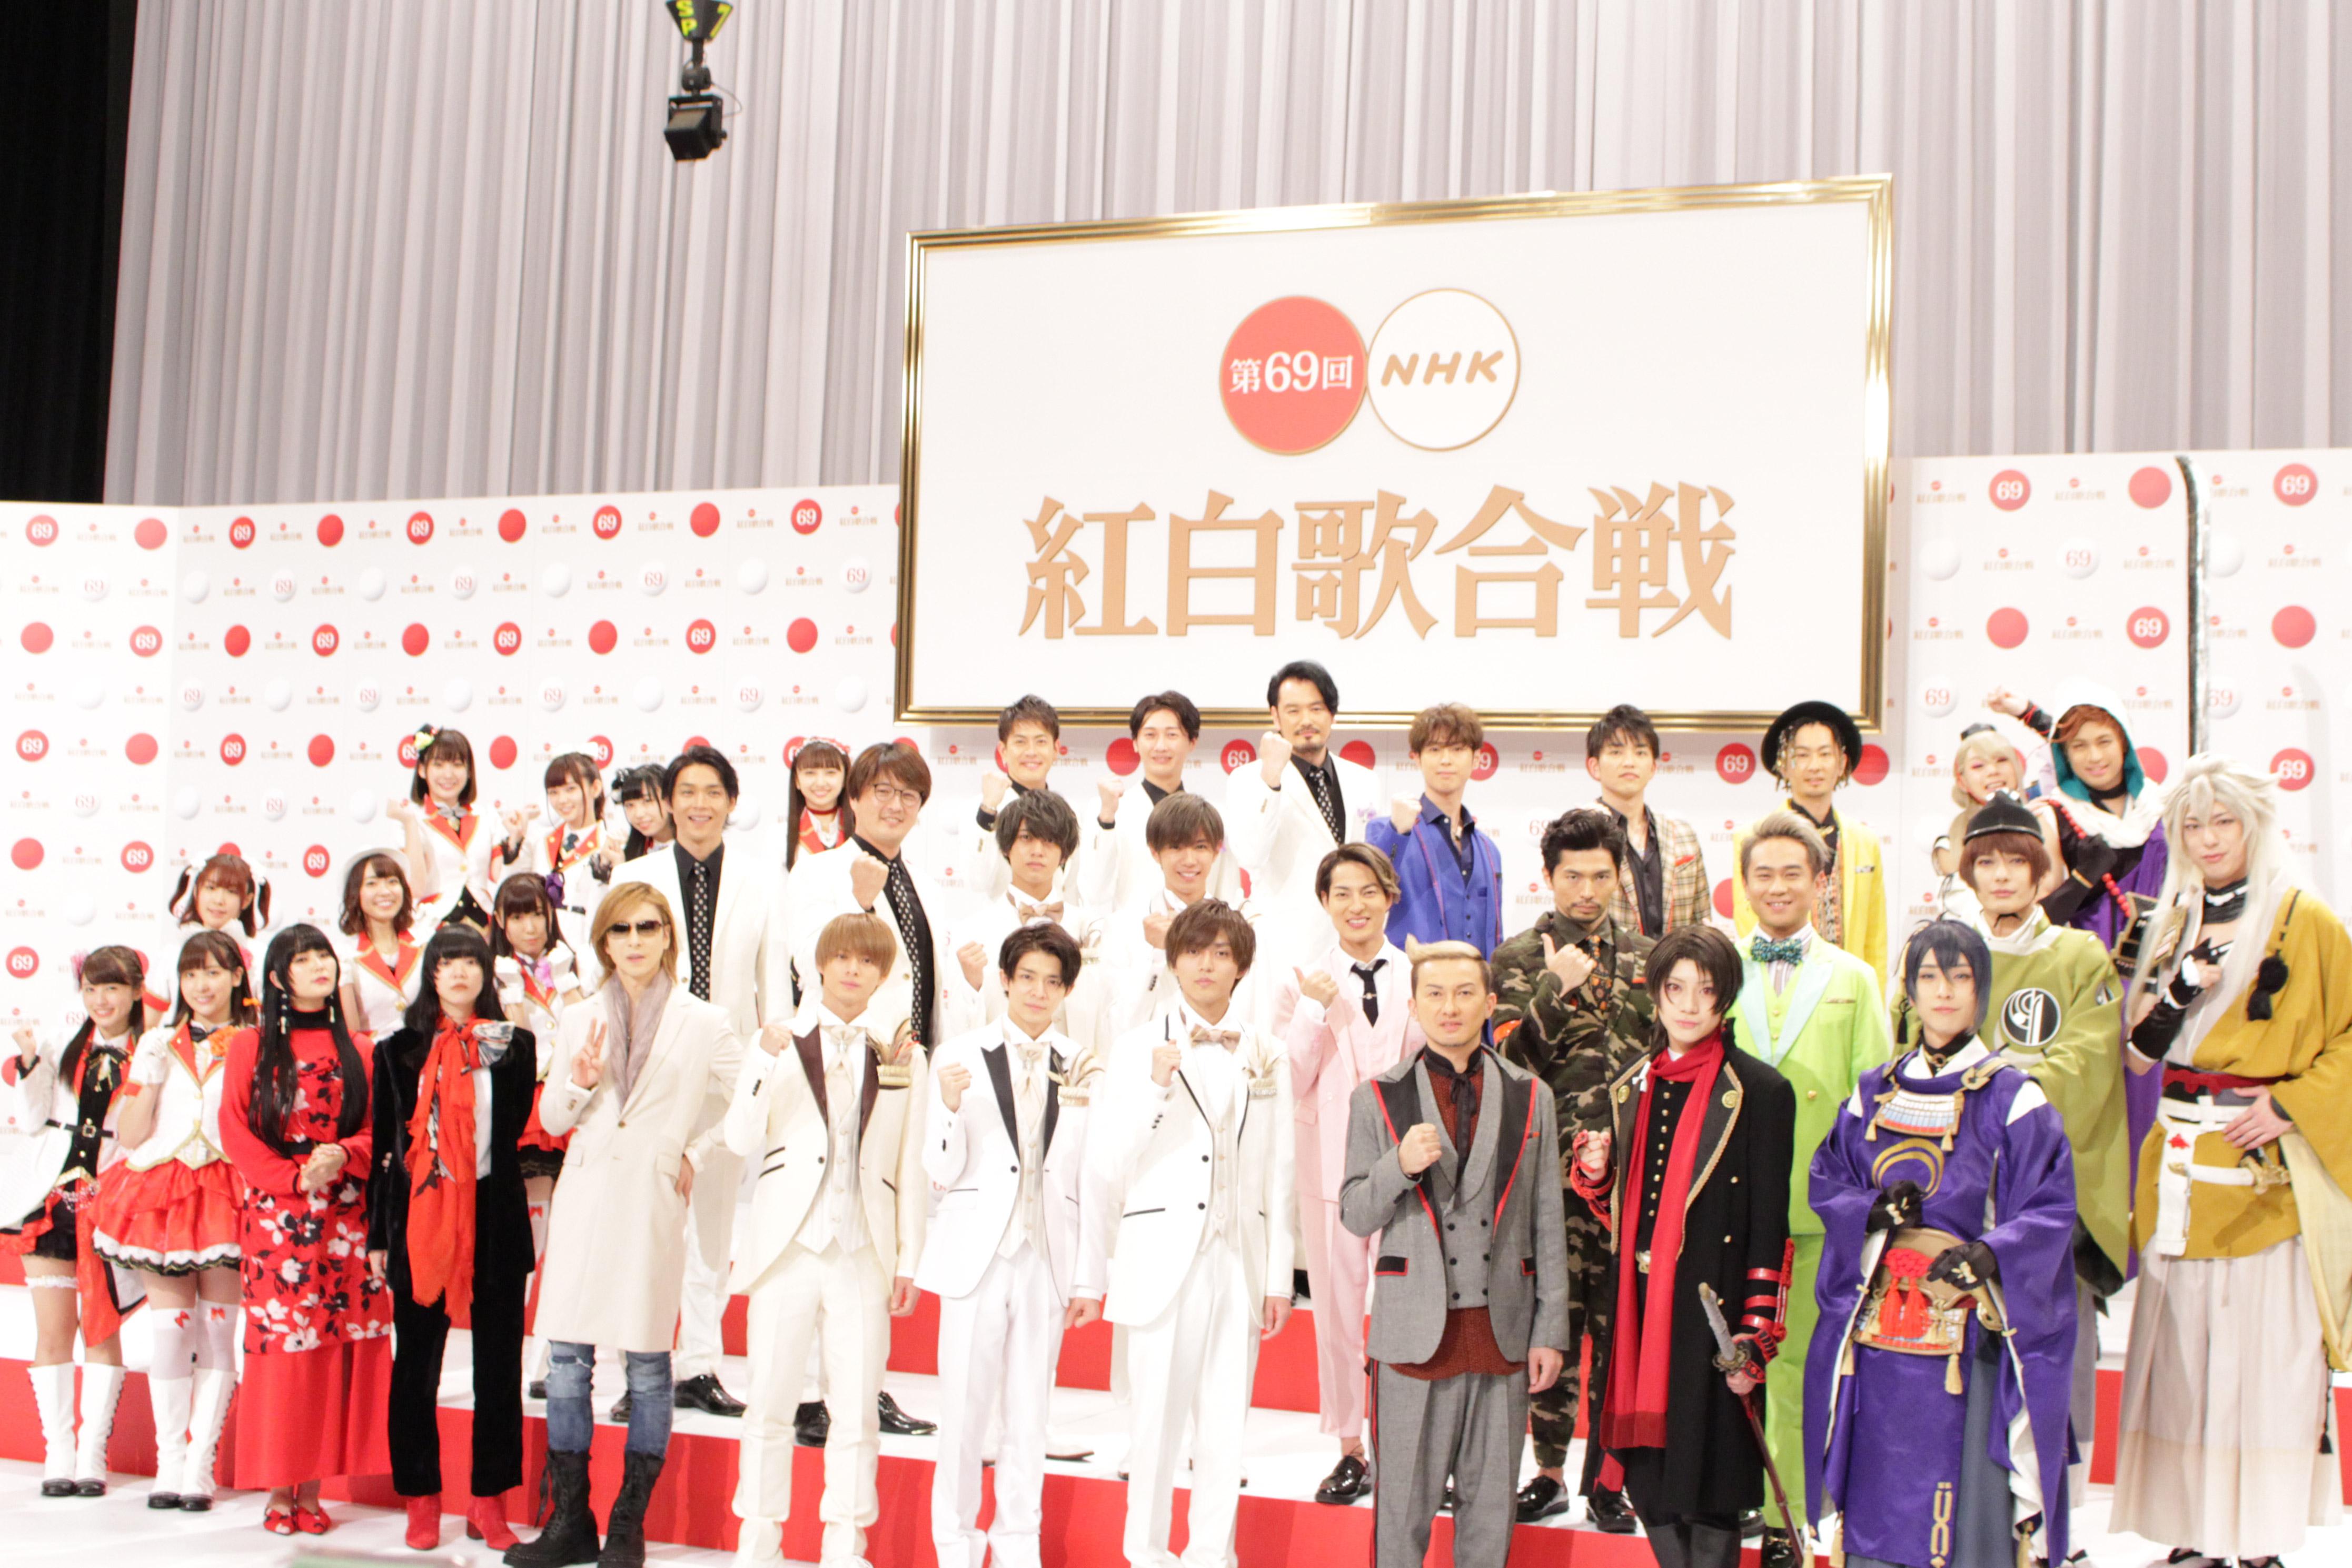 『第69回NHK紅白歌合戦』記者会見:あいみょん、King & Princeら8組コメント